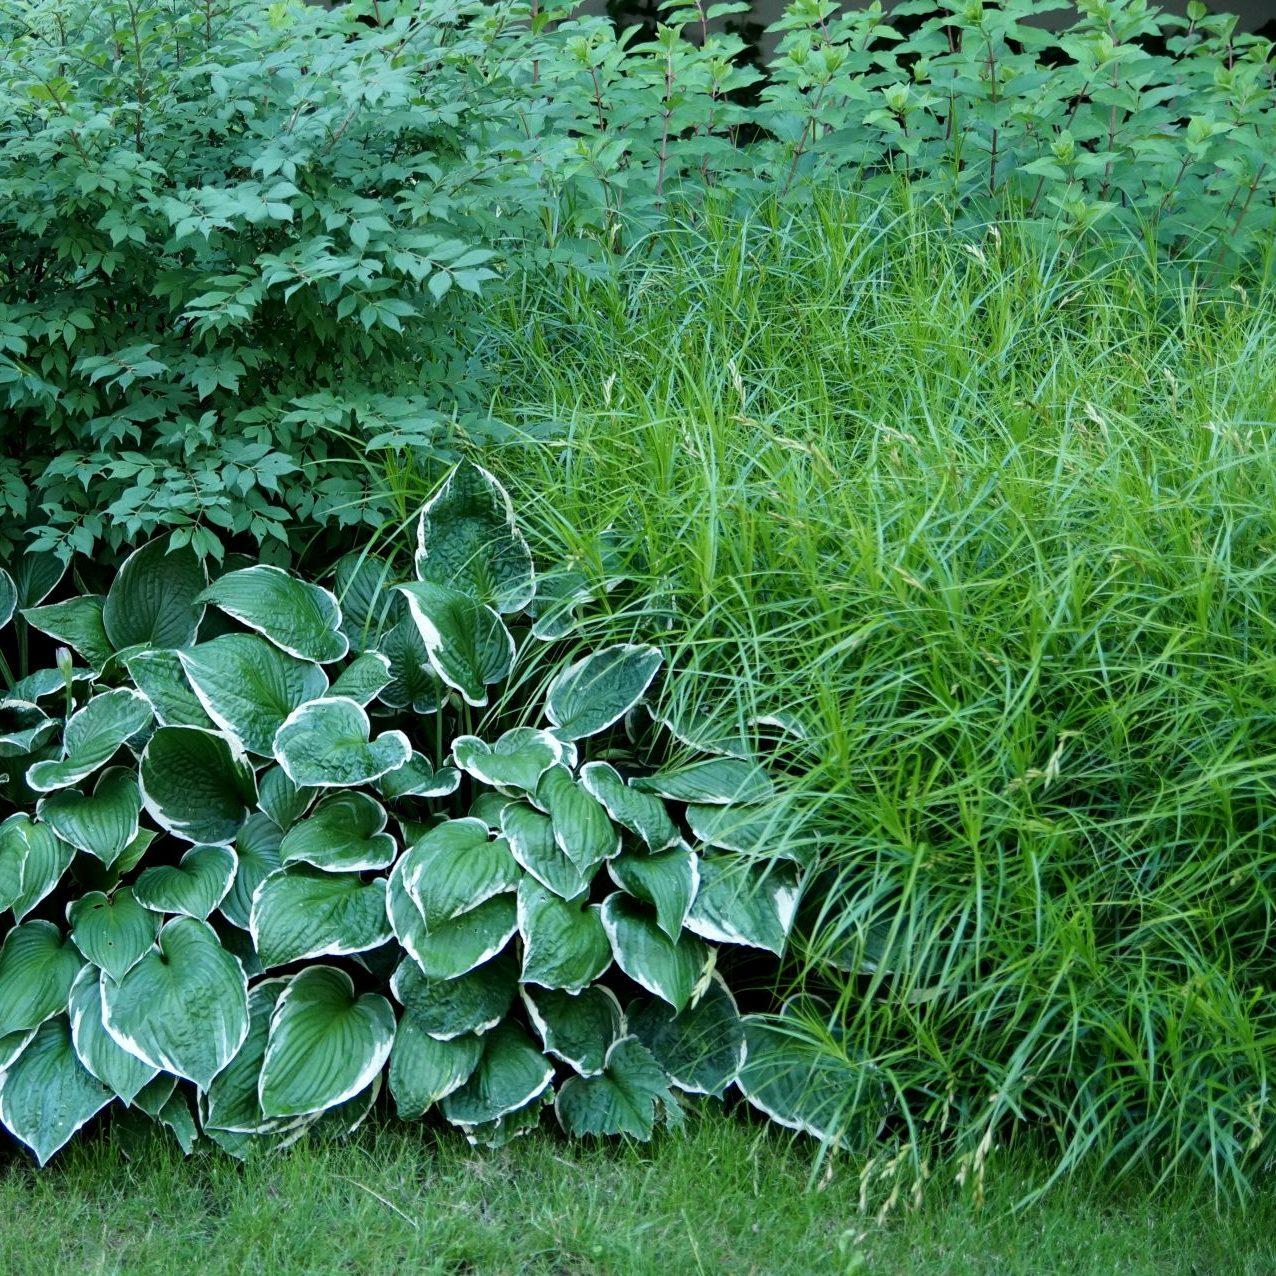 Trawy nadają kompozycji lekkości.